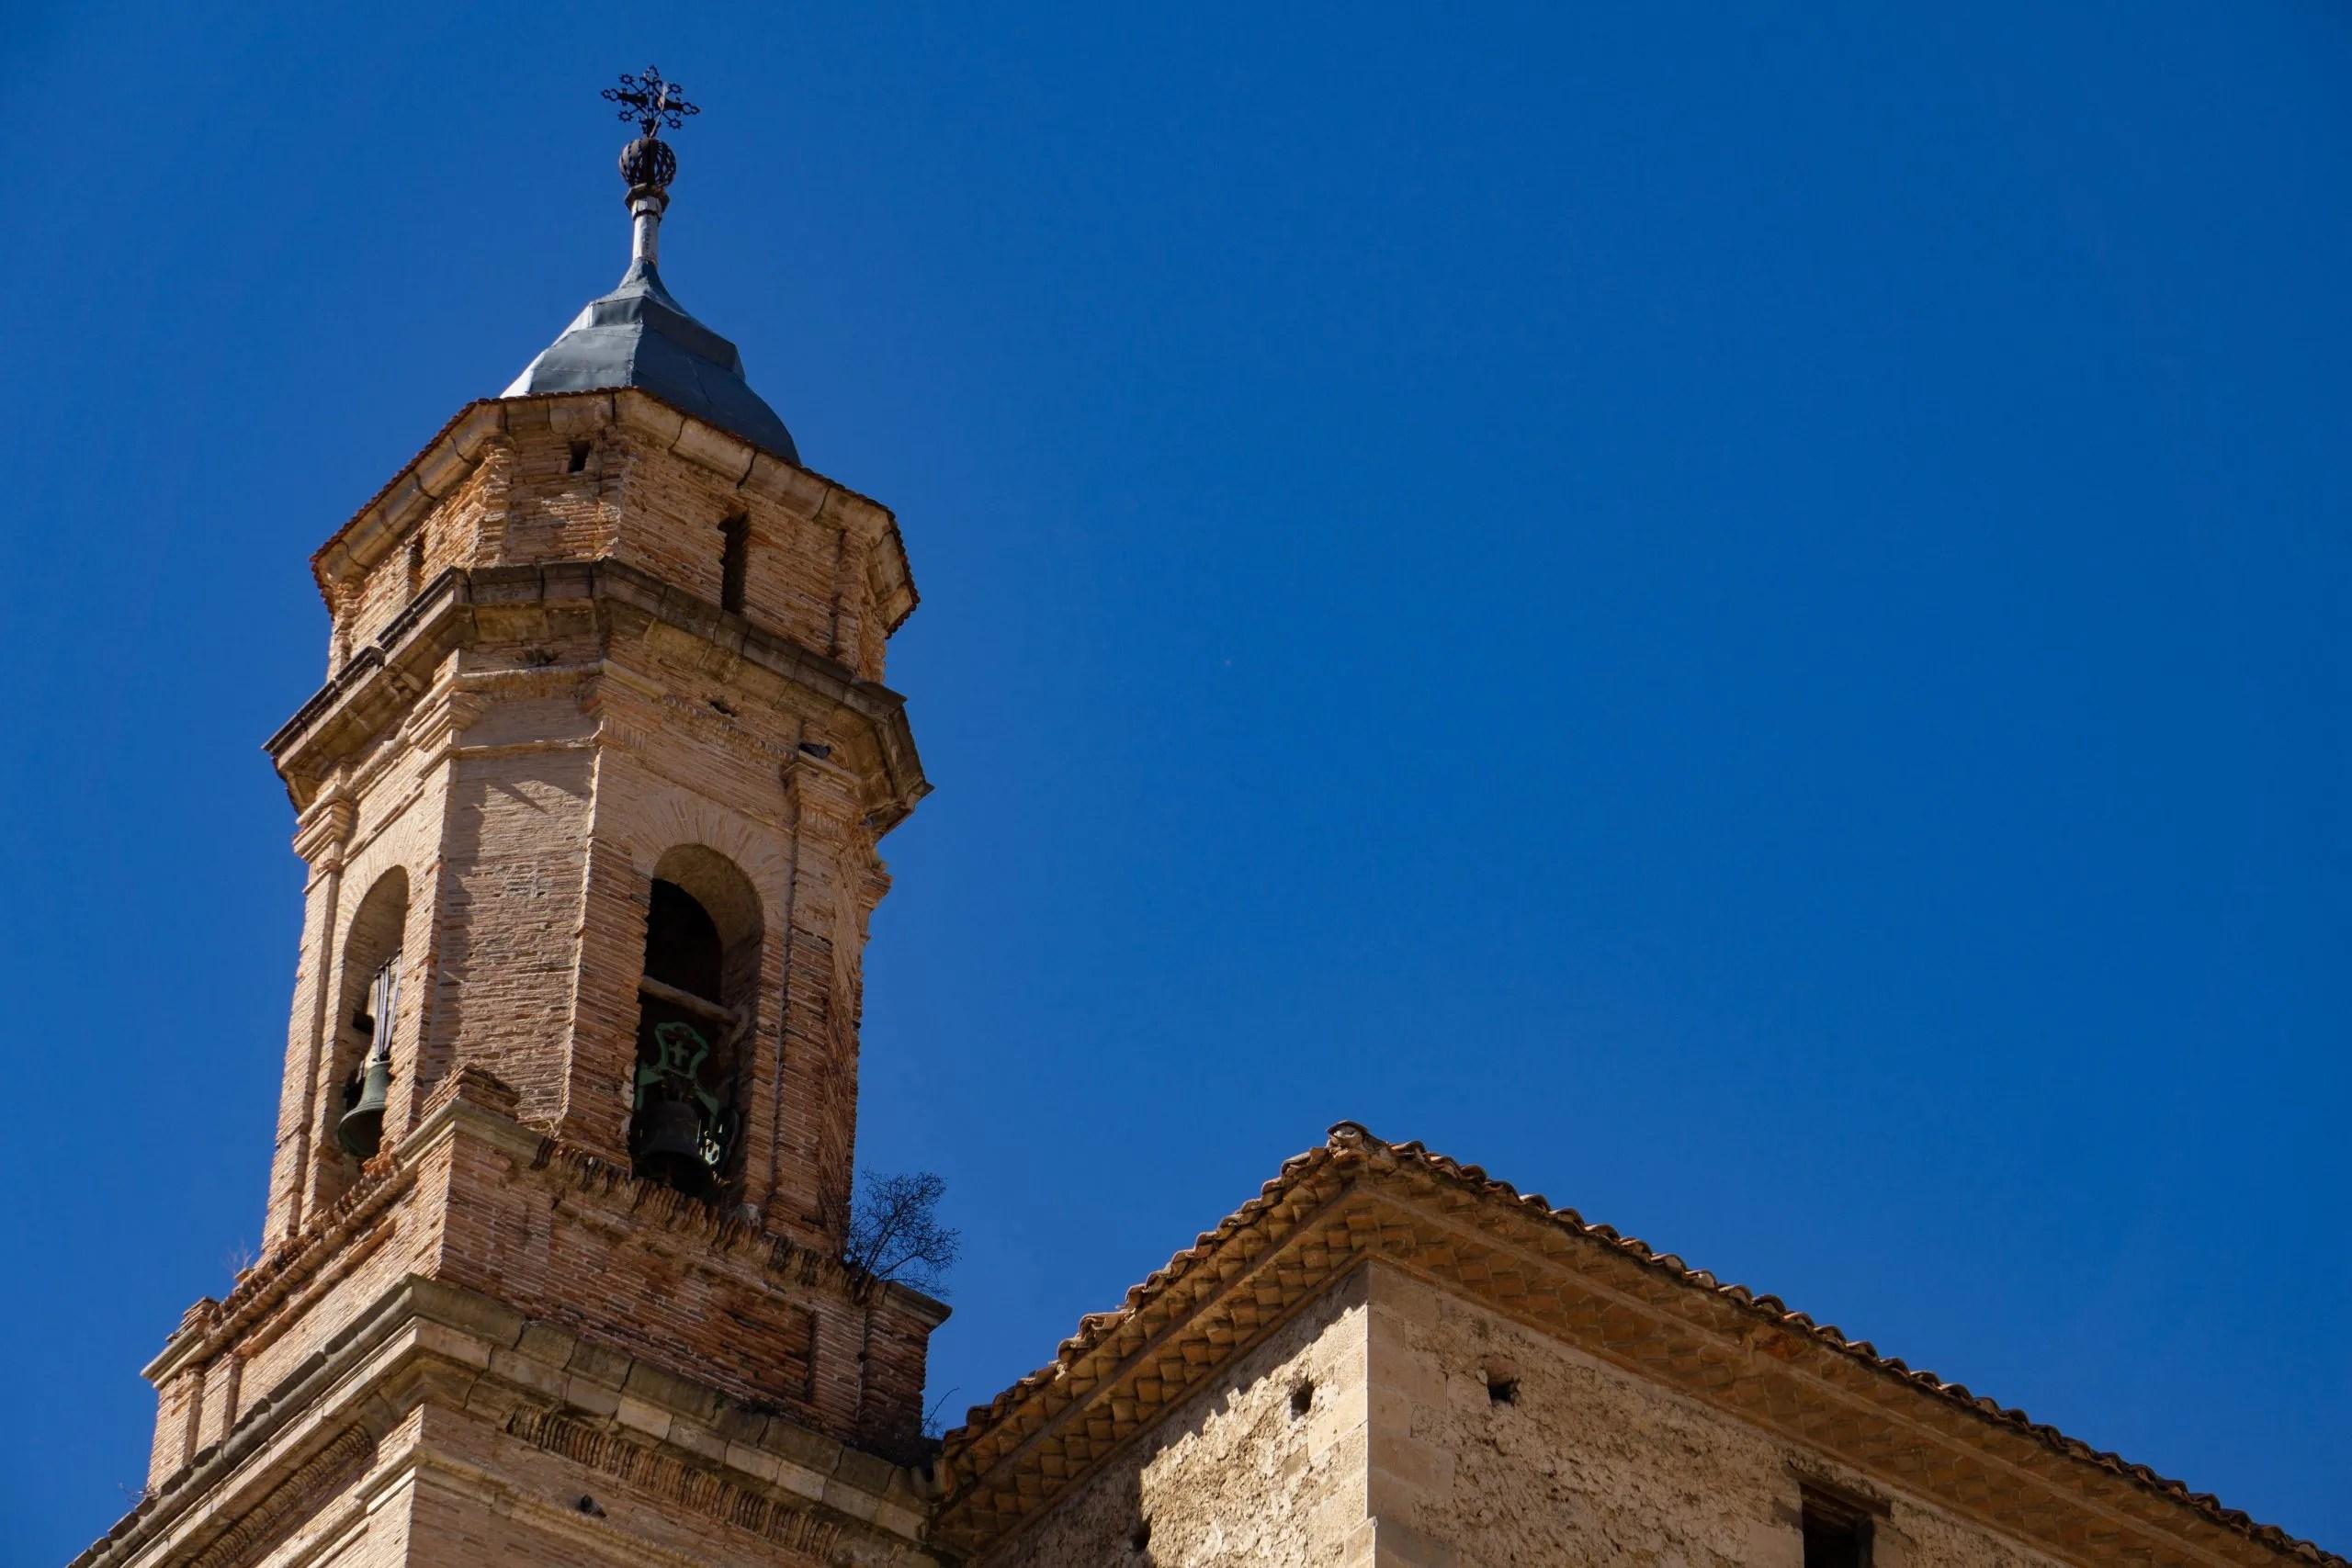 Eglise de Pitarque